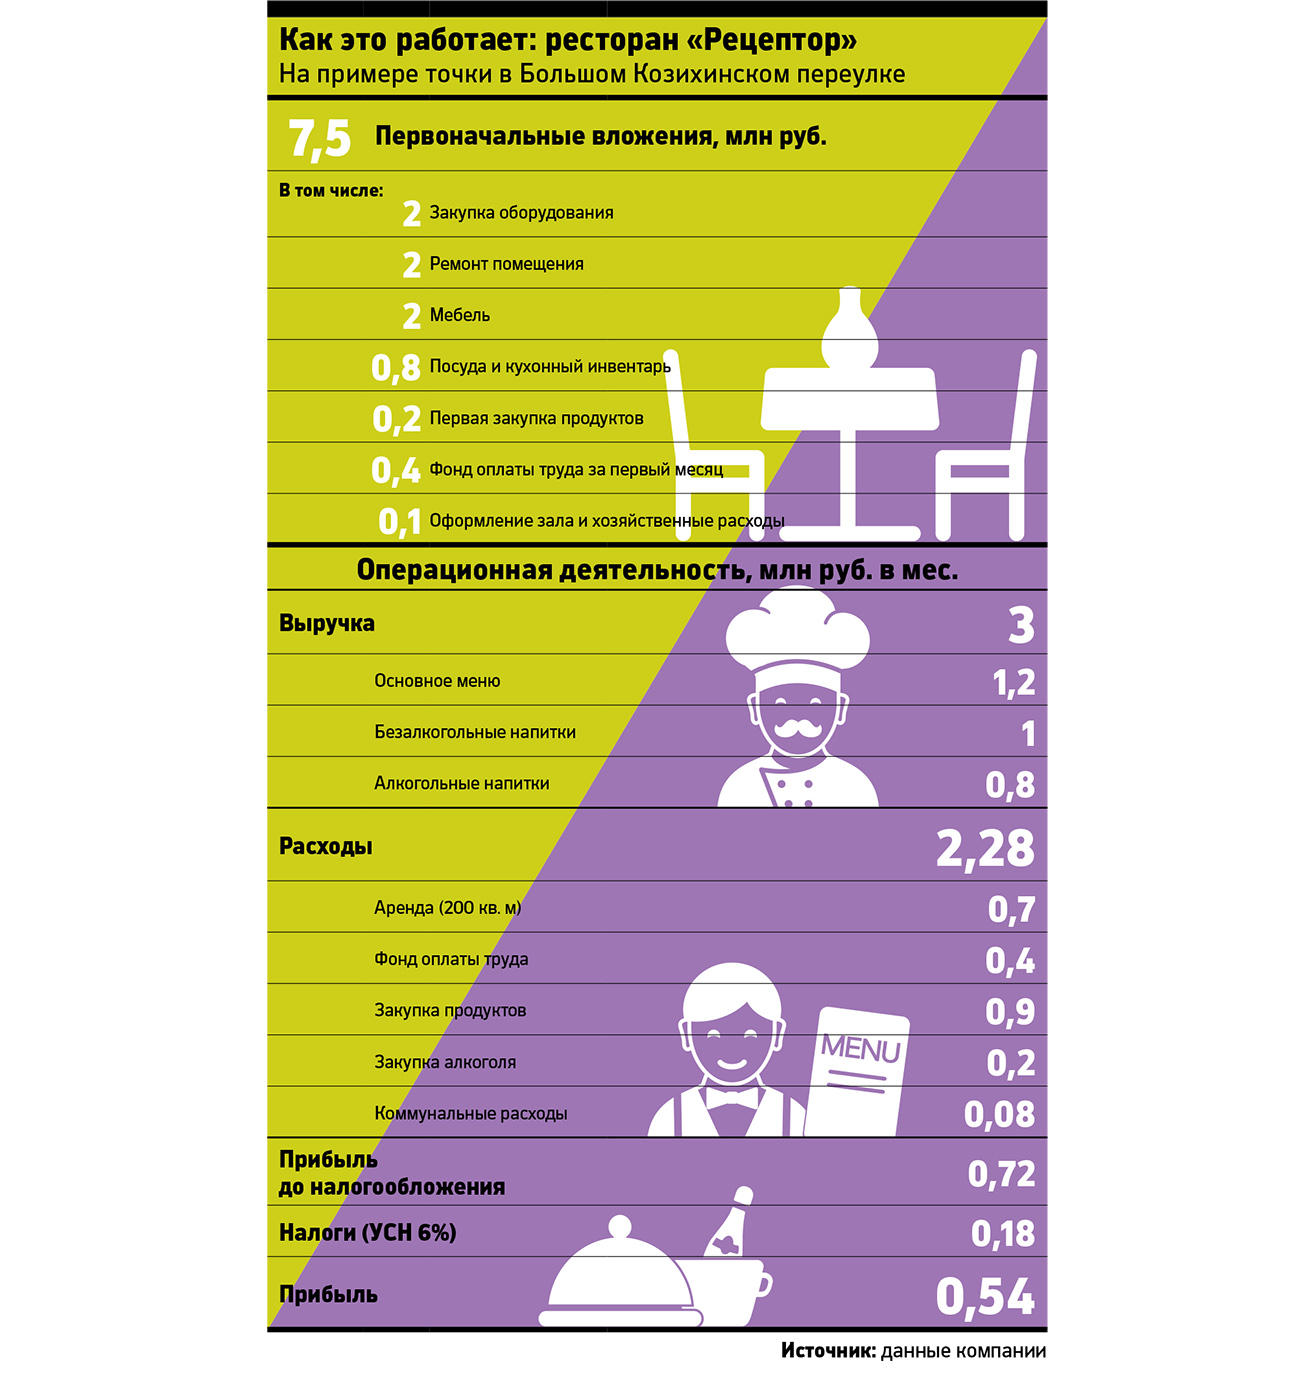 термобелье является… сколько прингсит семейный ресторан в москве JaktФинский производитель